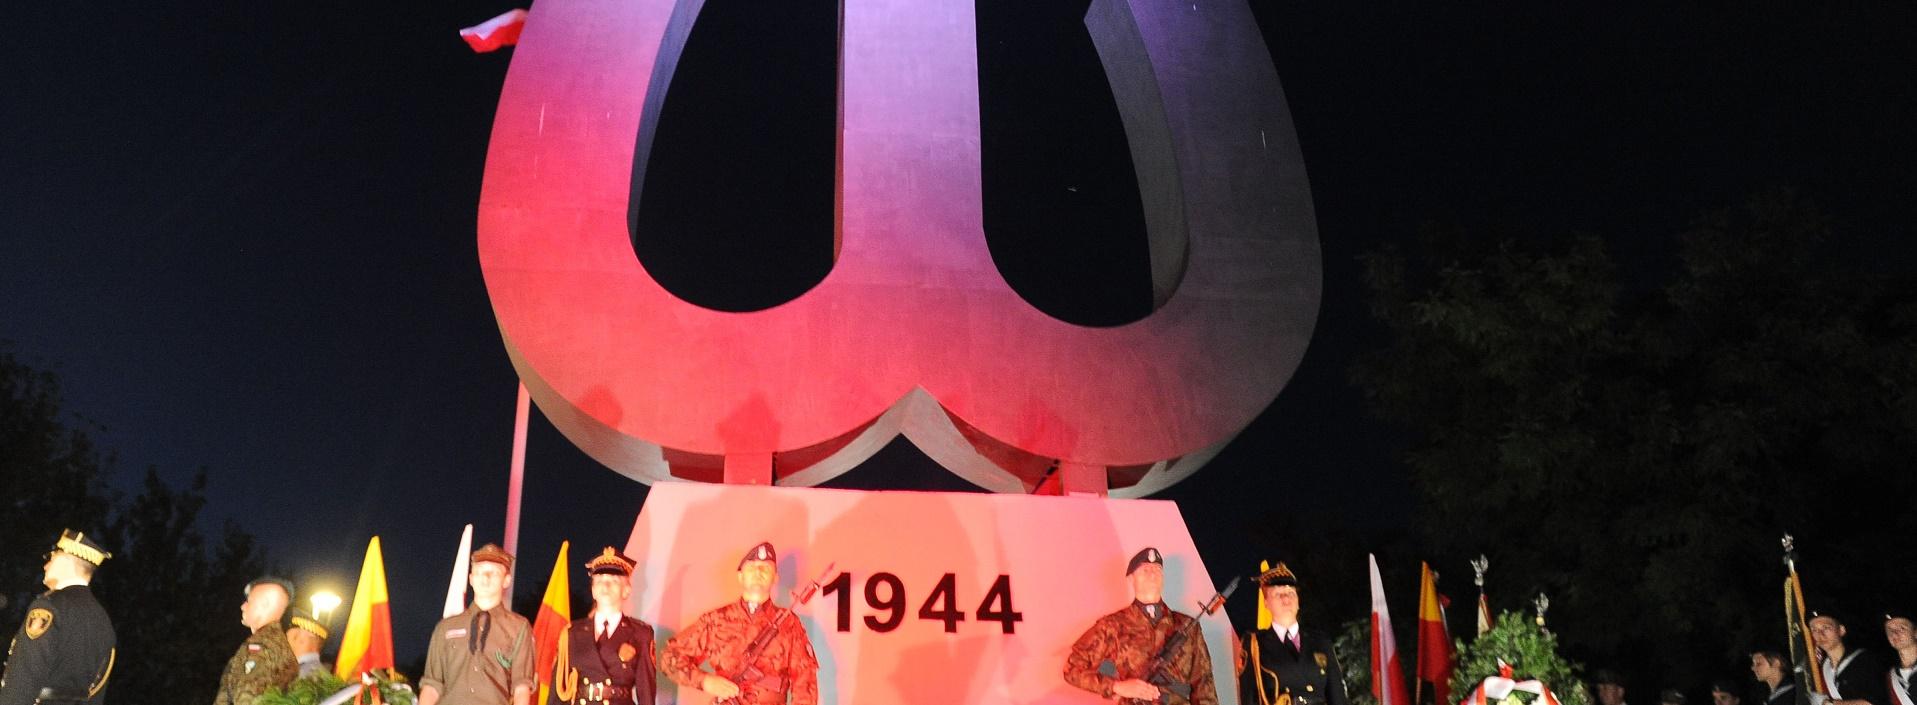 O powstańczym zrywie warszawiaków pamięta amerykańska Polonia.